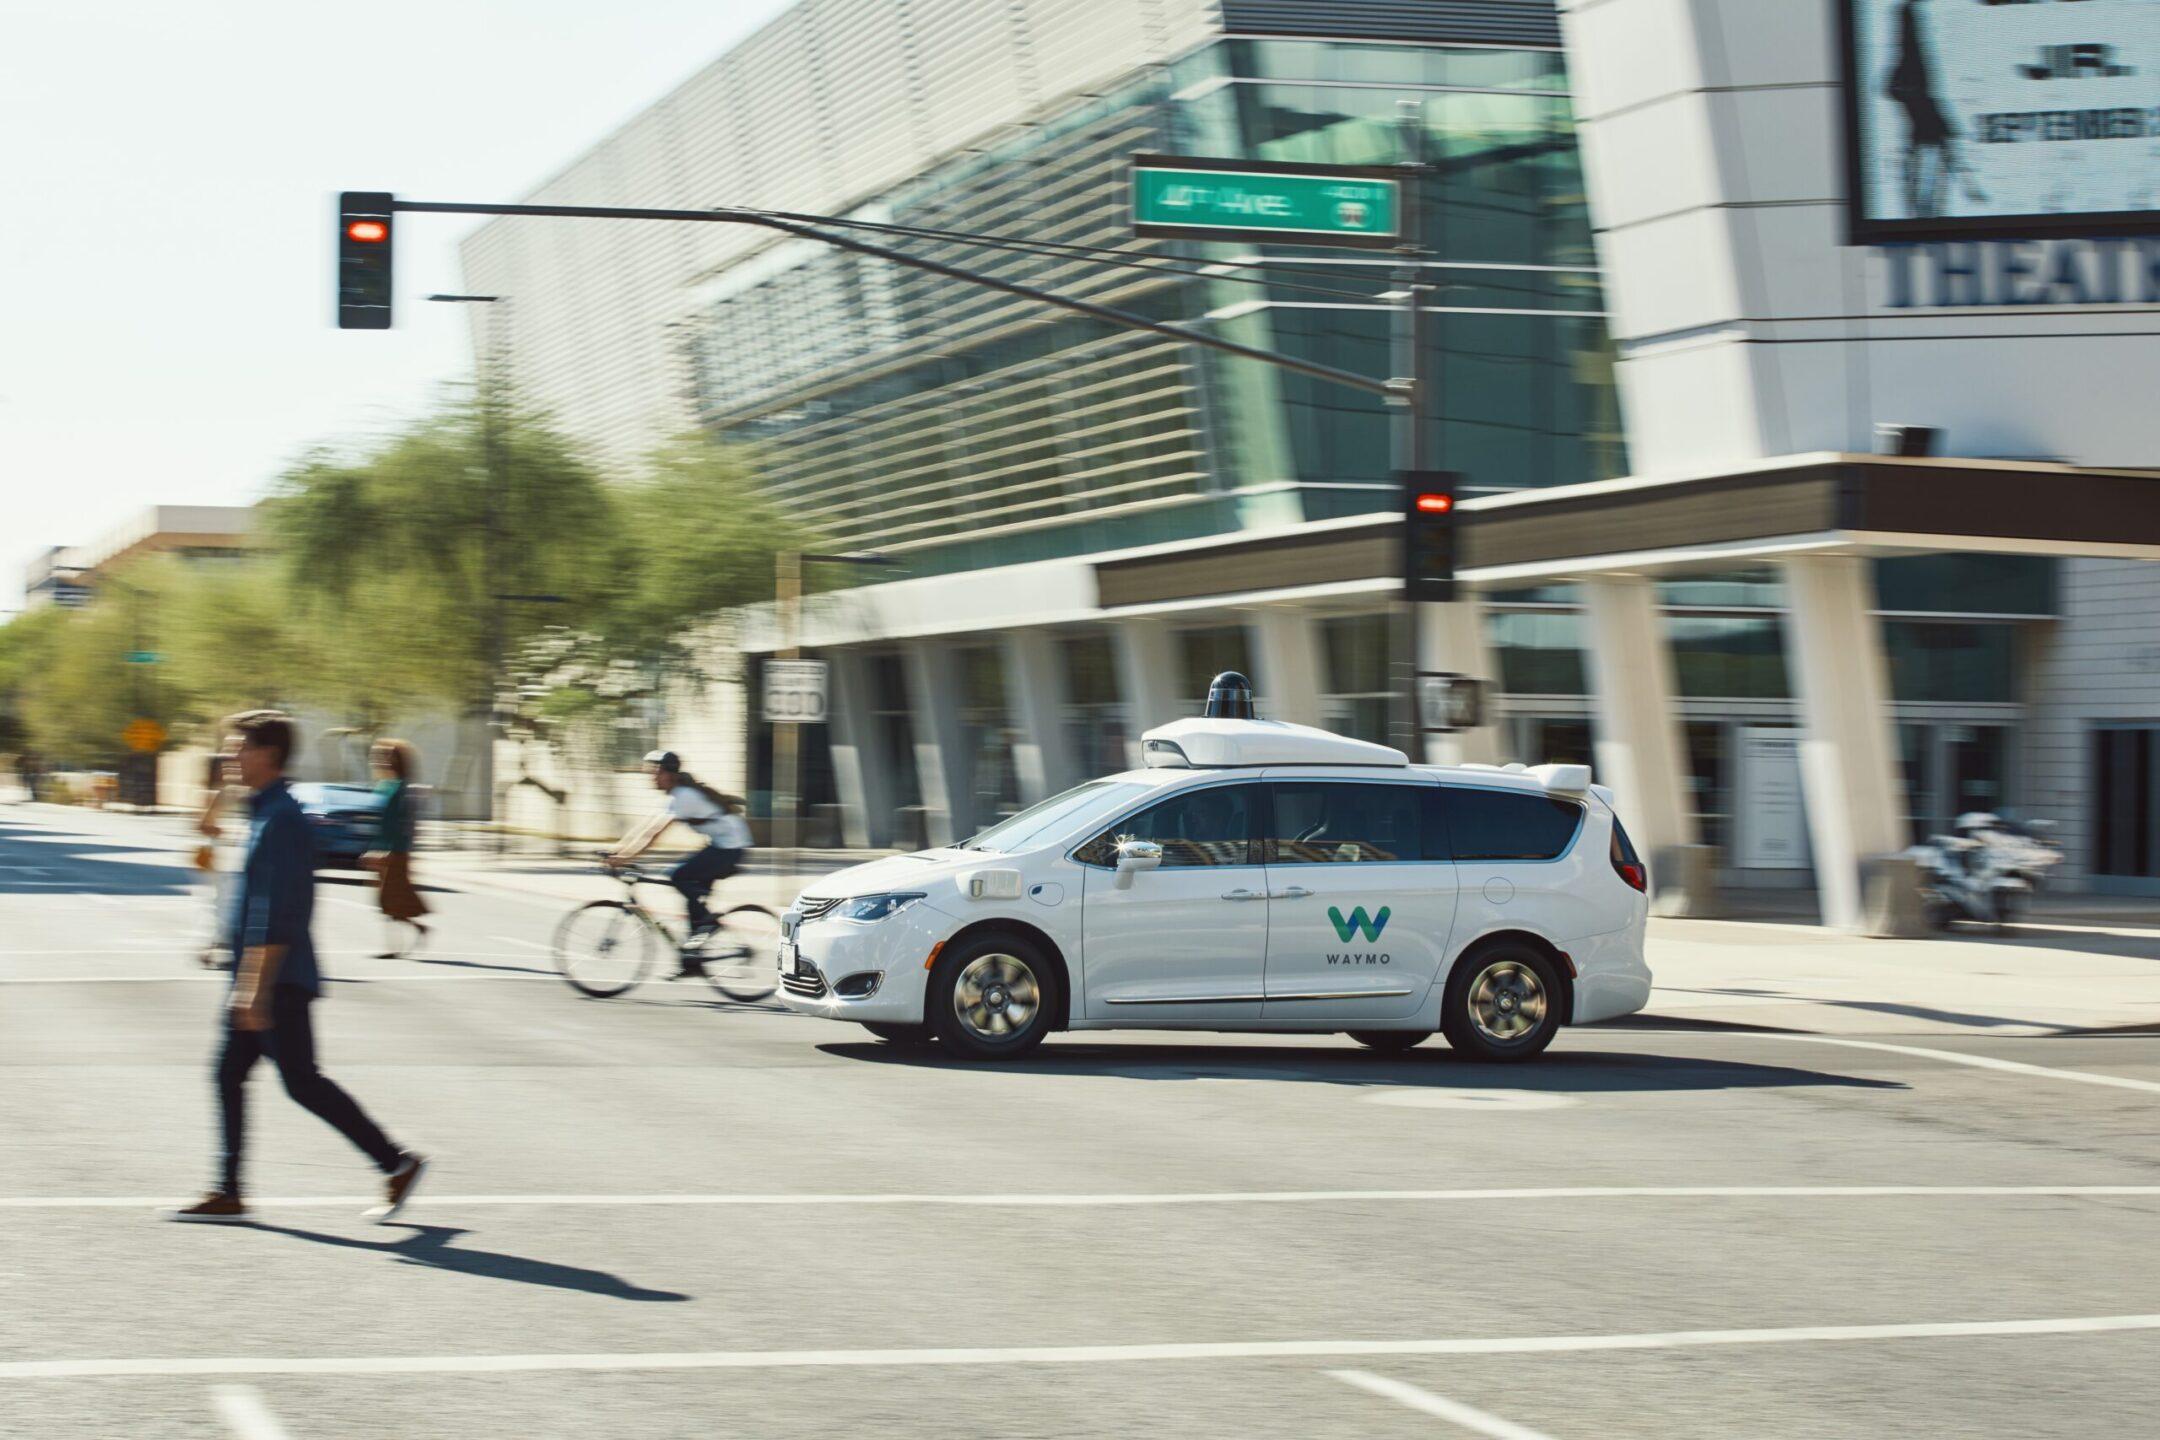 Auto a guida autonoma - FCA Waymo Chrysler Pacifica 2